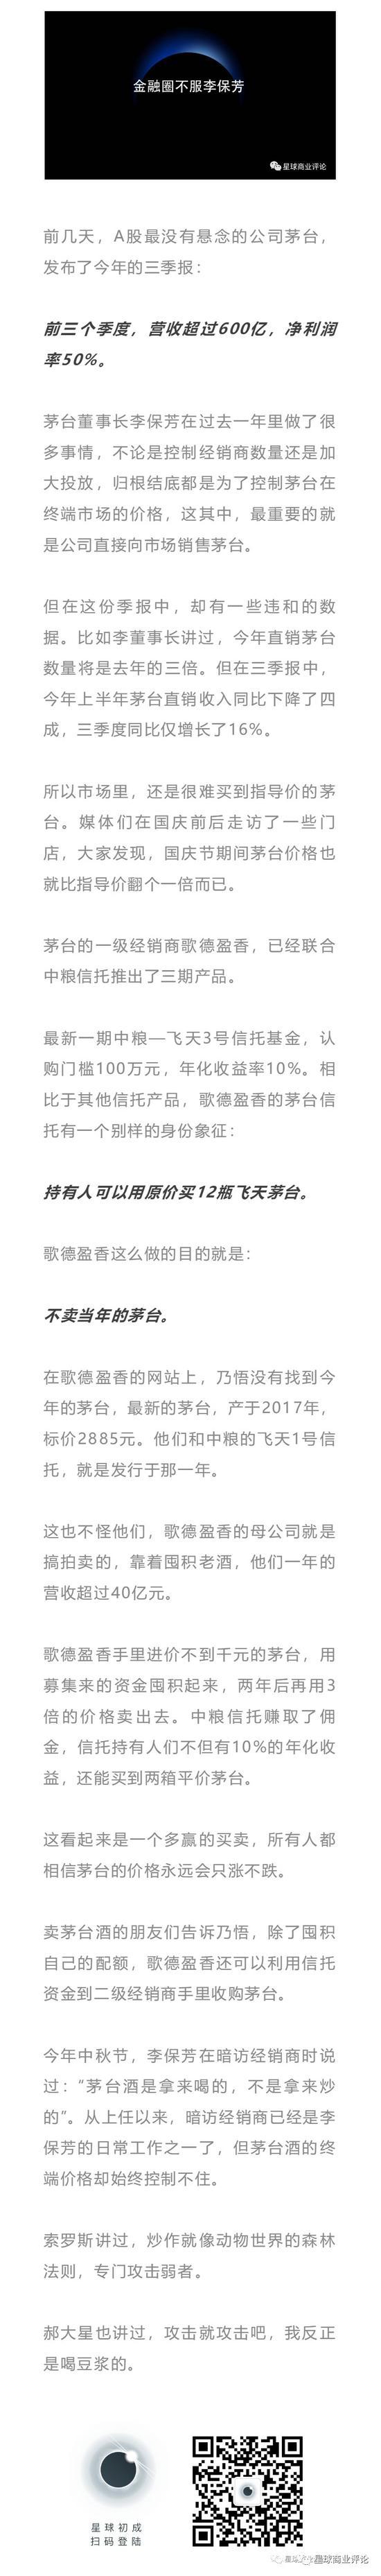 2019创新创业项目_金融圈不服李保芳